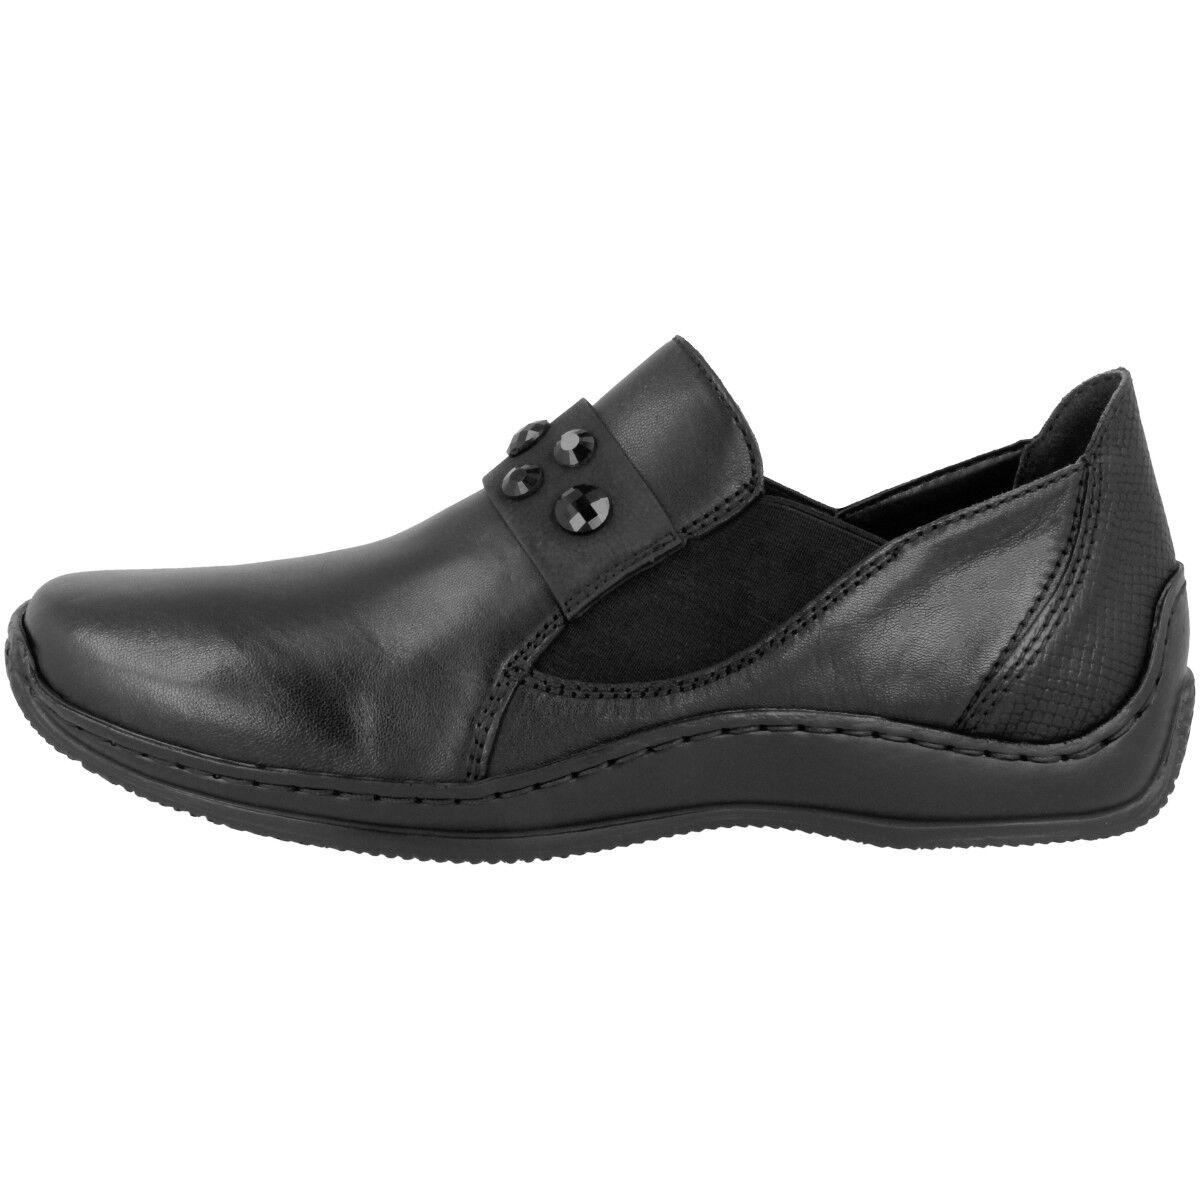 Los últimos zapatos de descuento para hombres y mujeres Descuento por tiempo limitado Rieker lugano-nablus-snake women Schuhe Damen Antiestrés Mocasines Black